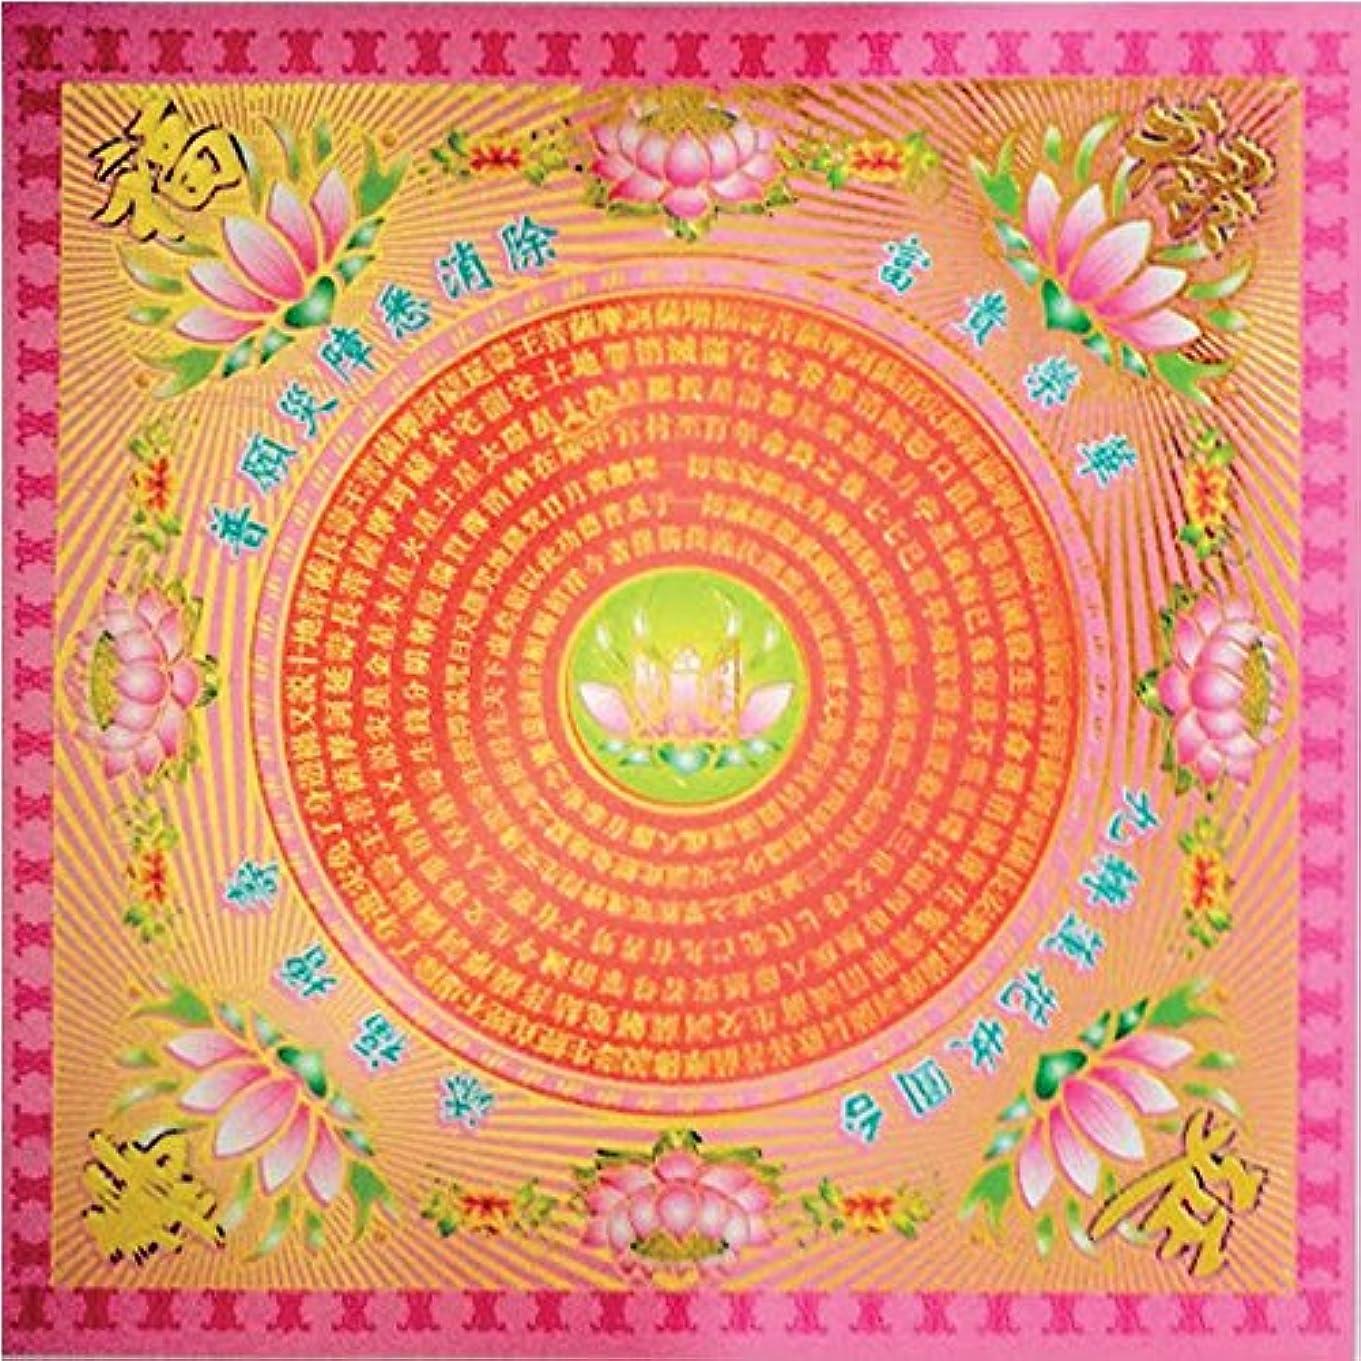 移動する降ろすモーテル50個Incense用紙/ Joss用紙pink-goldSサイズの祖先Praying 7.5インチx 7.5インチ